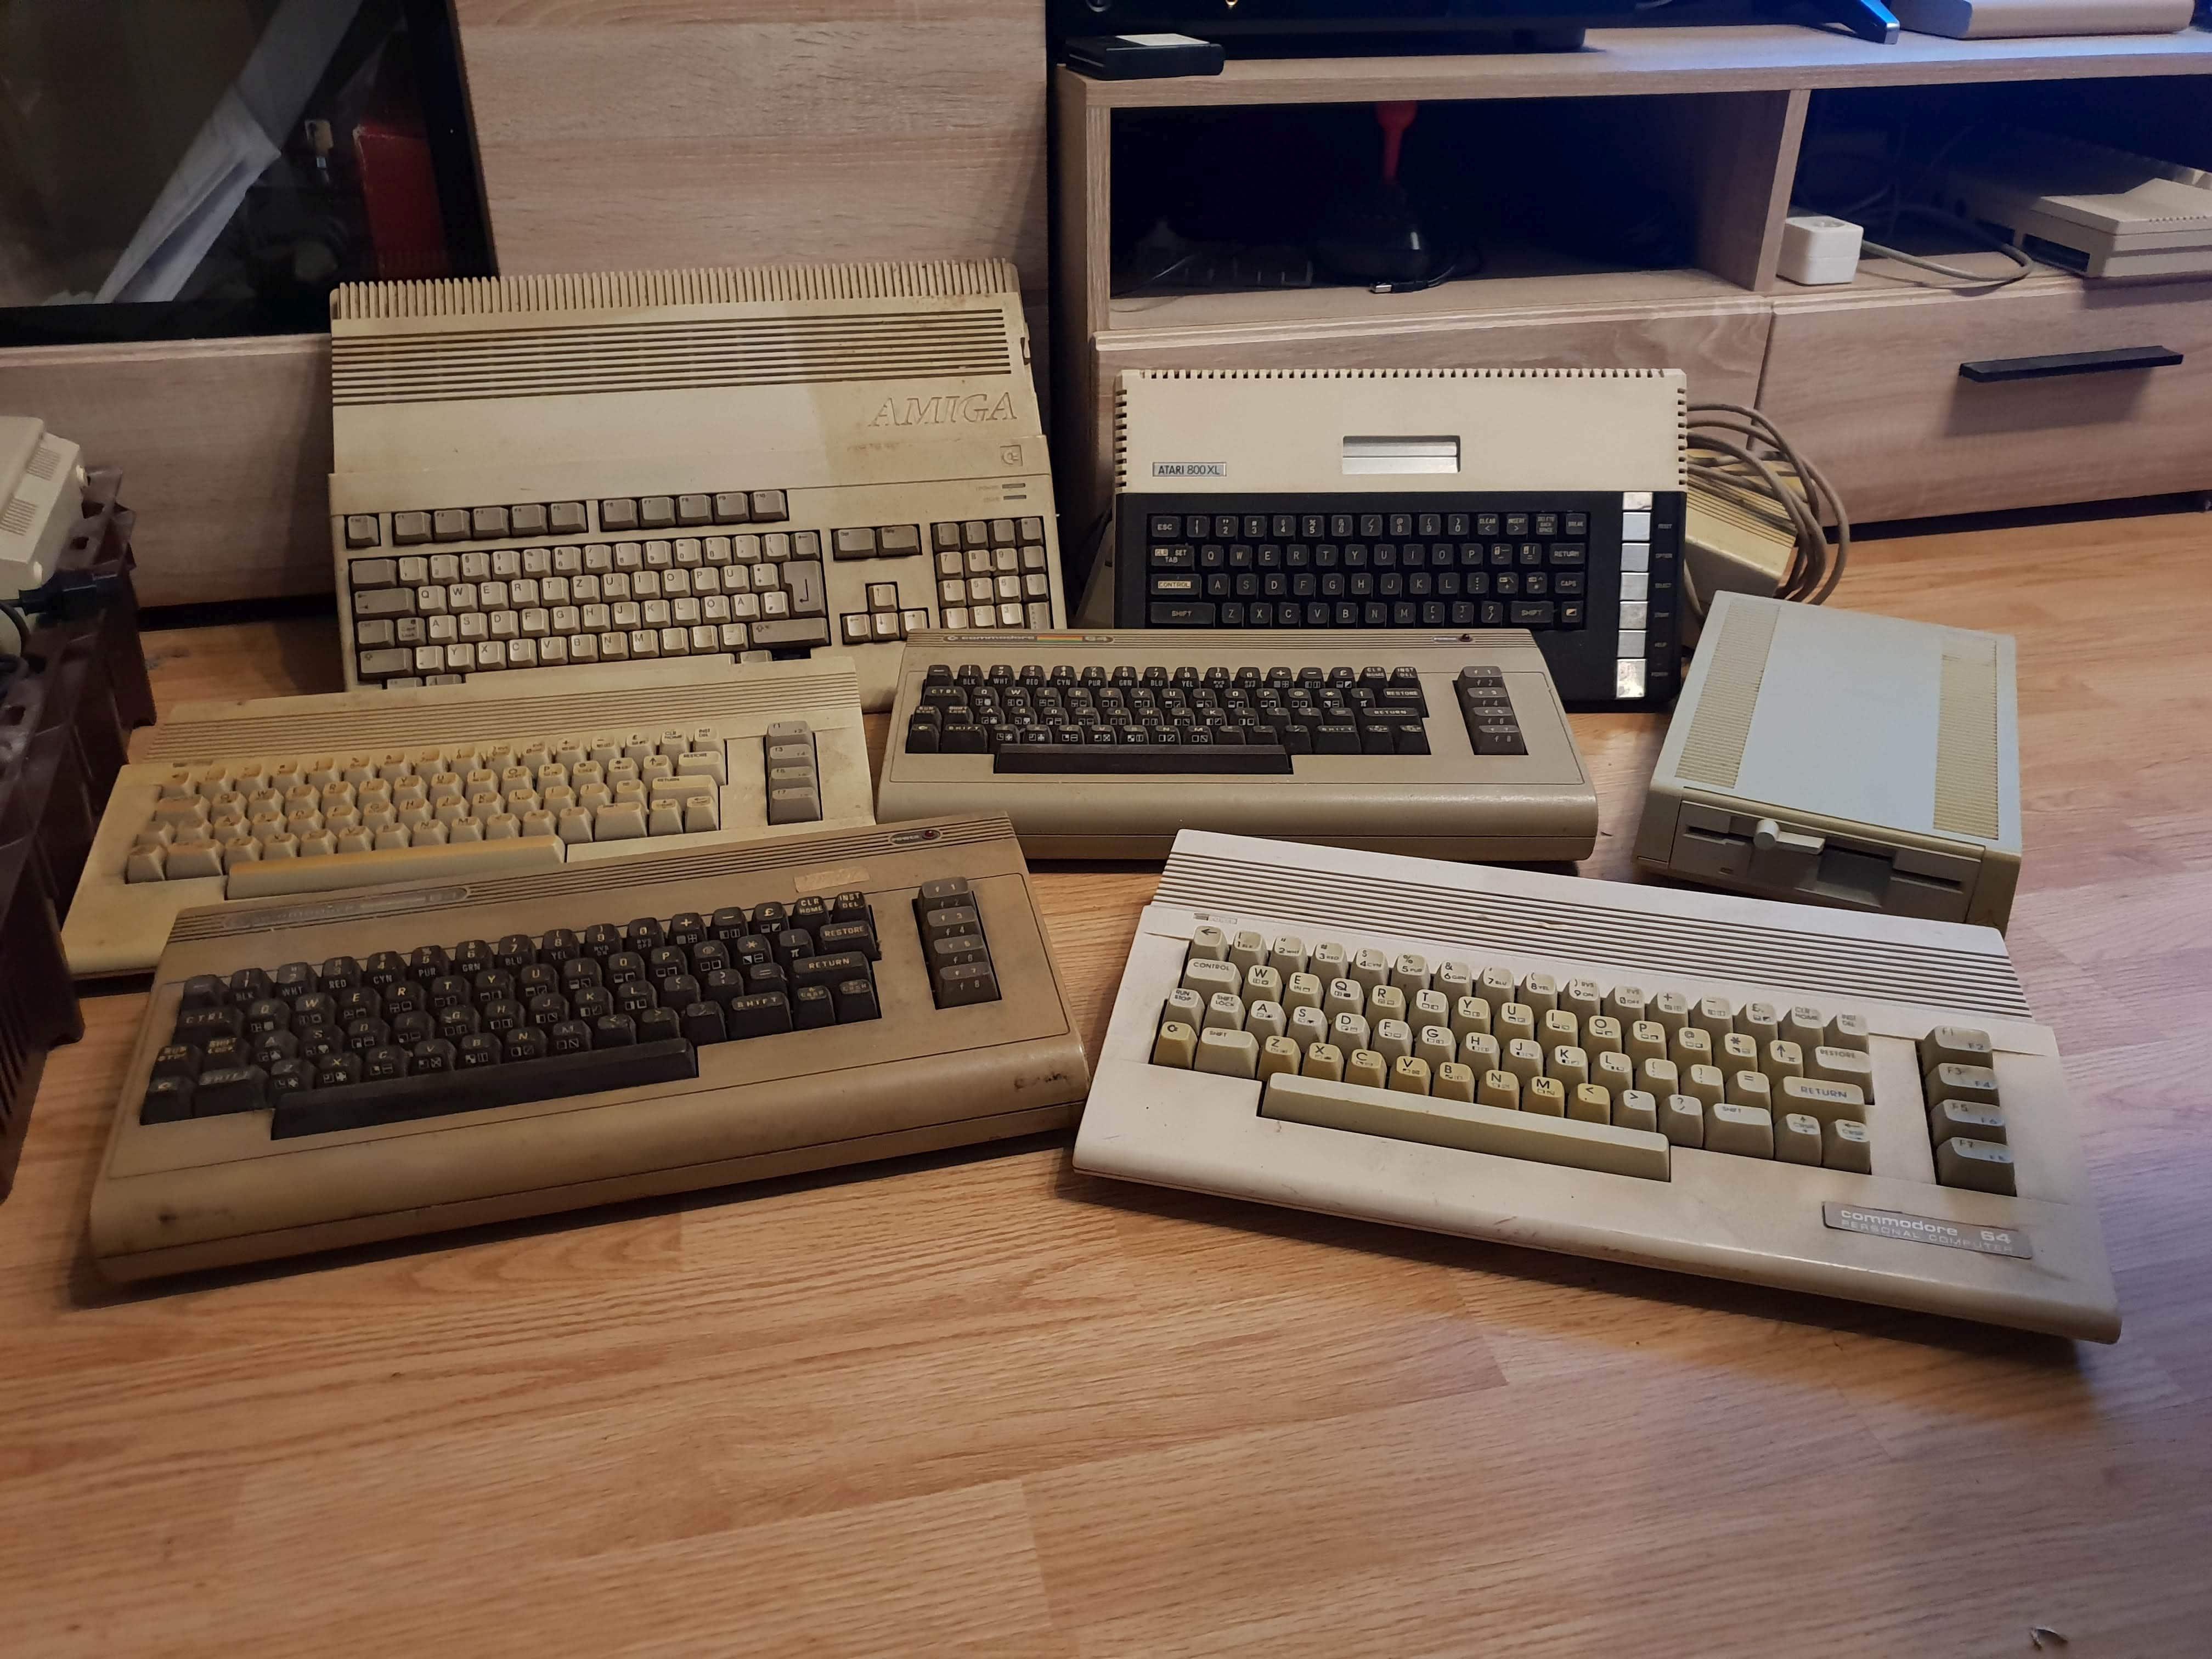 K 20181123 192153001 - Konsolen-, und Computerbleaching